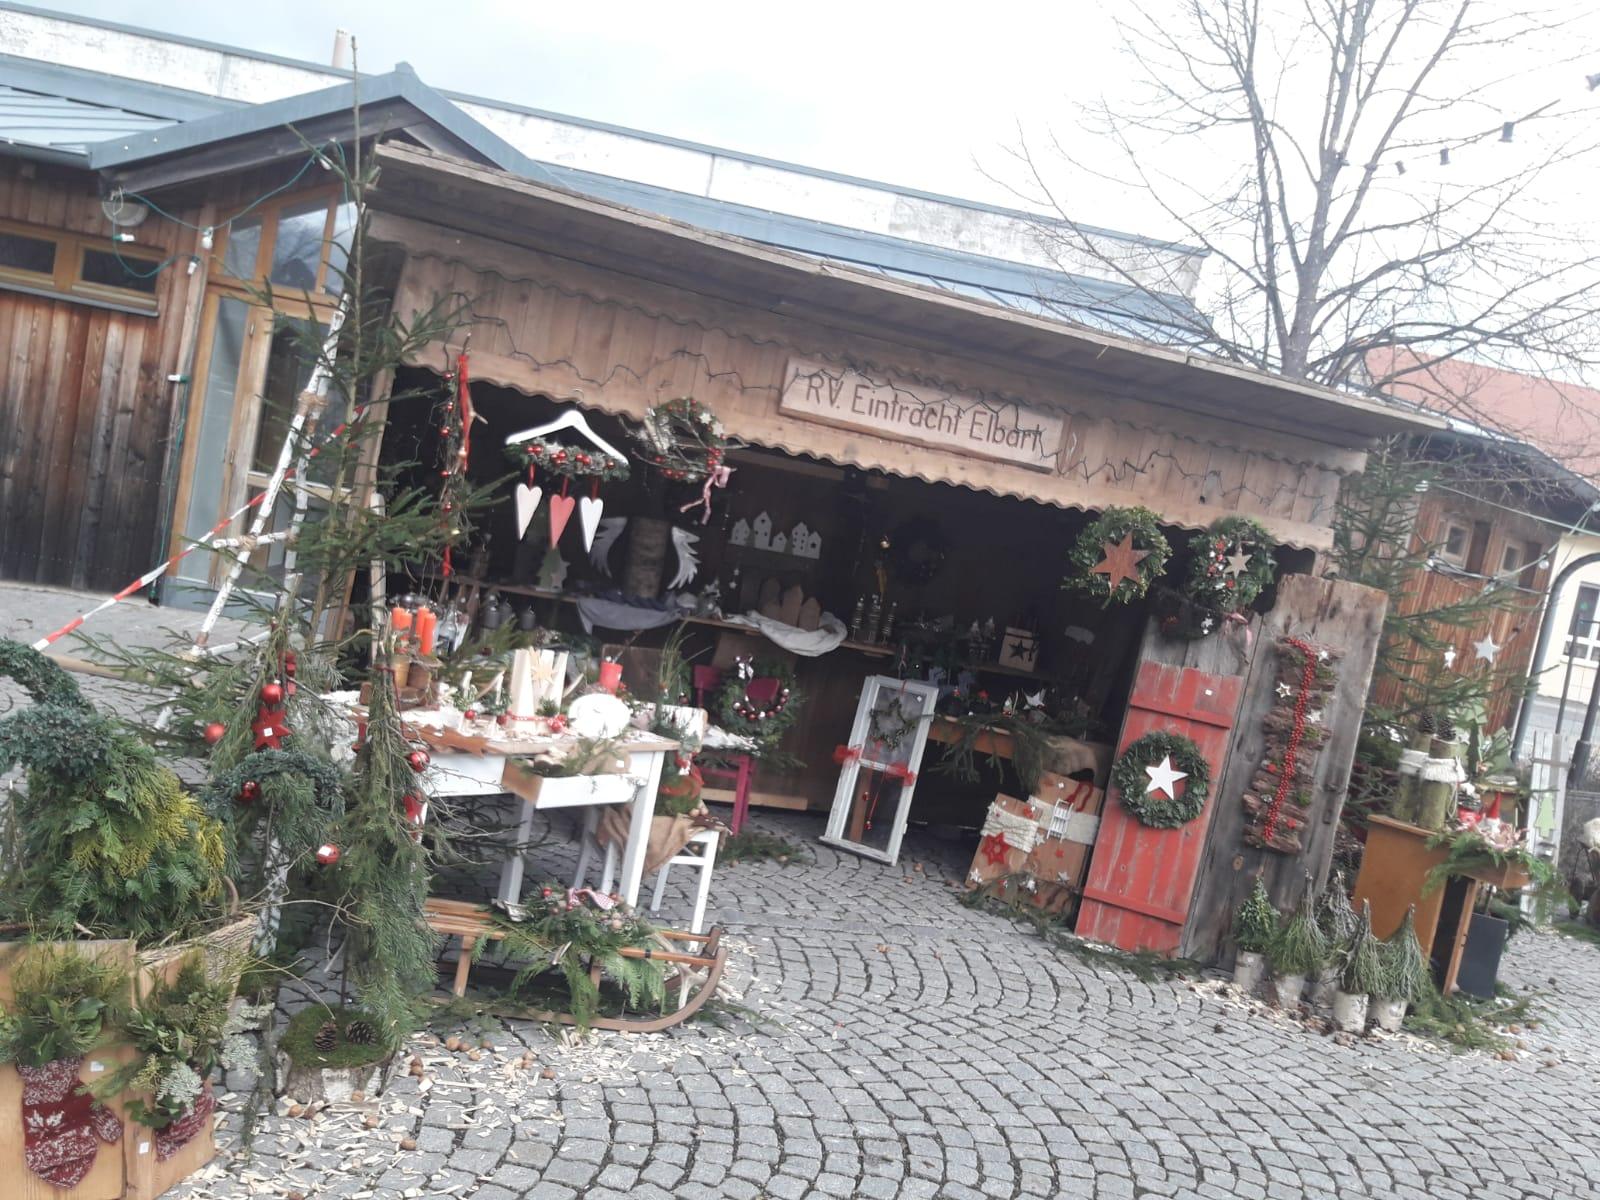 Weihnachtsmarkt-RV-Eintracht-Elbart